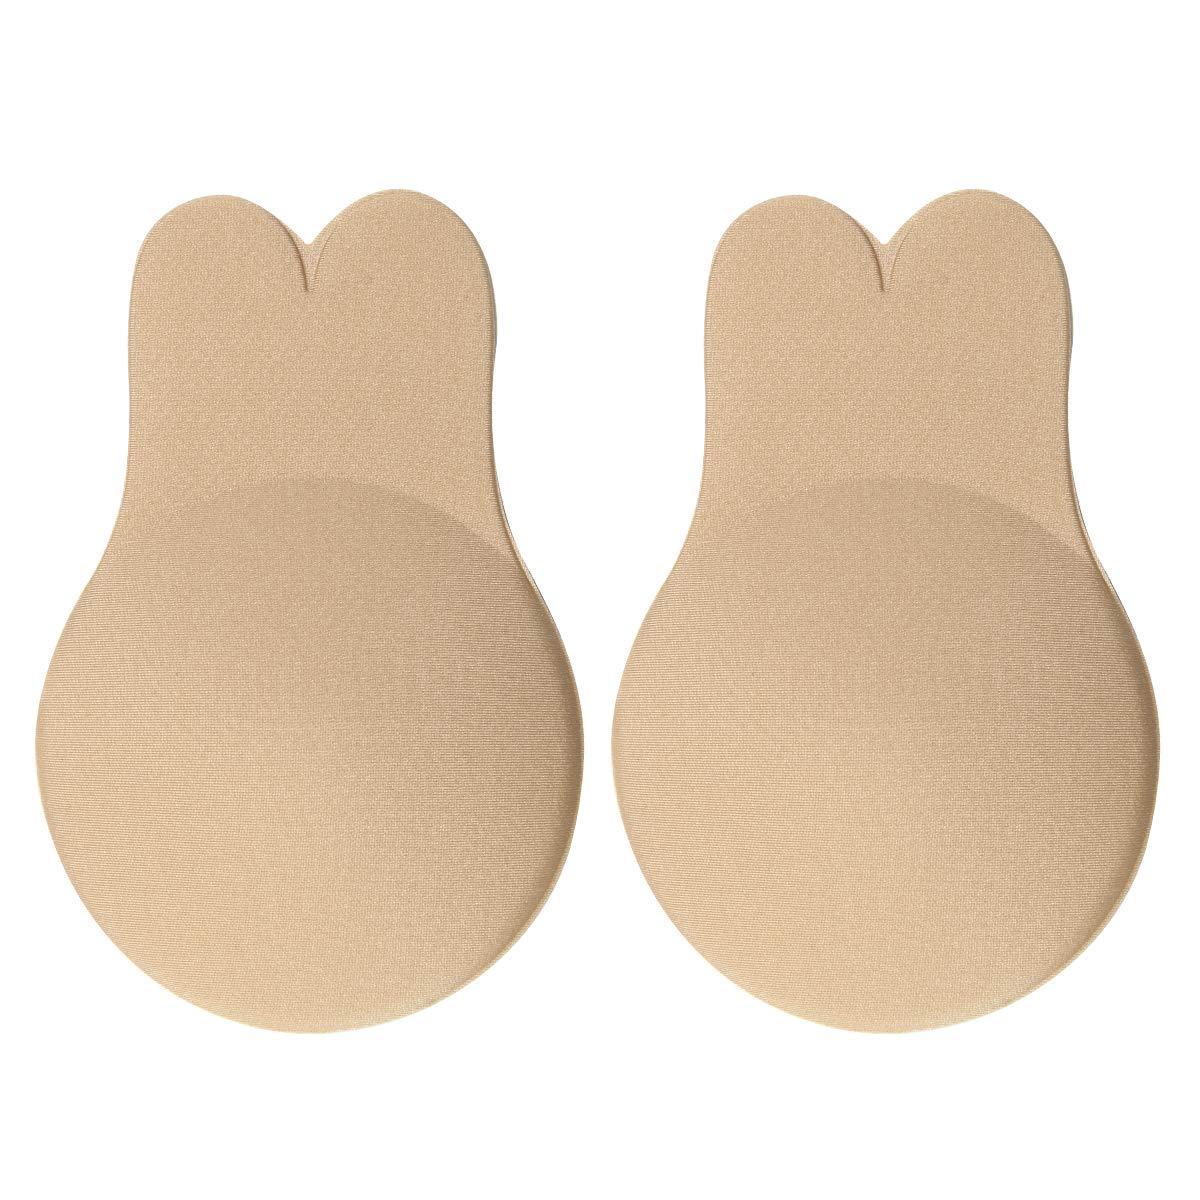 토끼 귀 가슴 패치 안티 누전 스티커 브래지어 밀기 리프트 젖꼭지 커버 접착제 strapless 보이지 않는 백리스 브래지어 플 런지 재사용 여성을 위해 재사용 가능